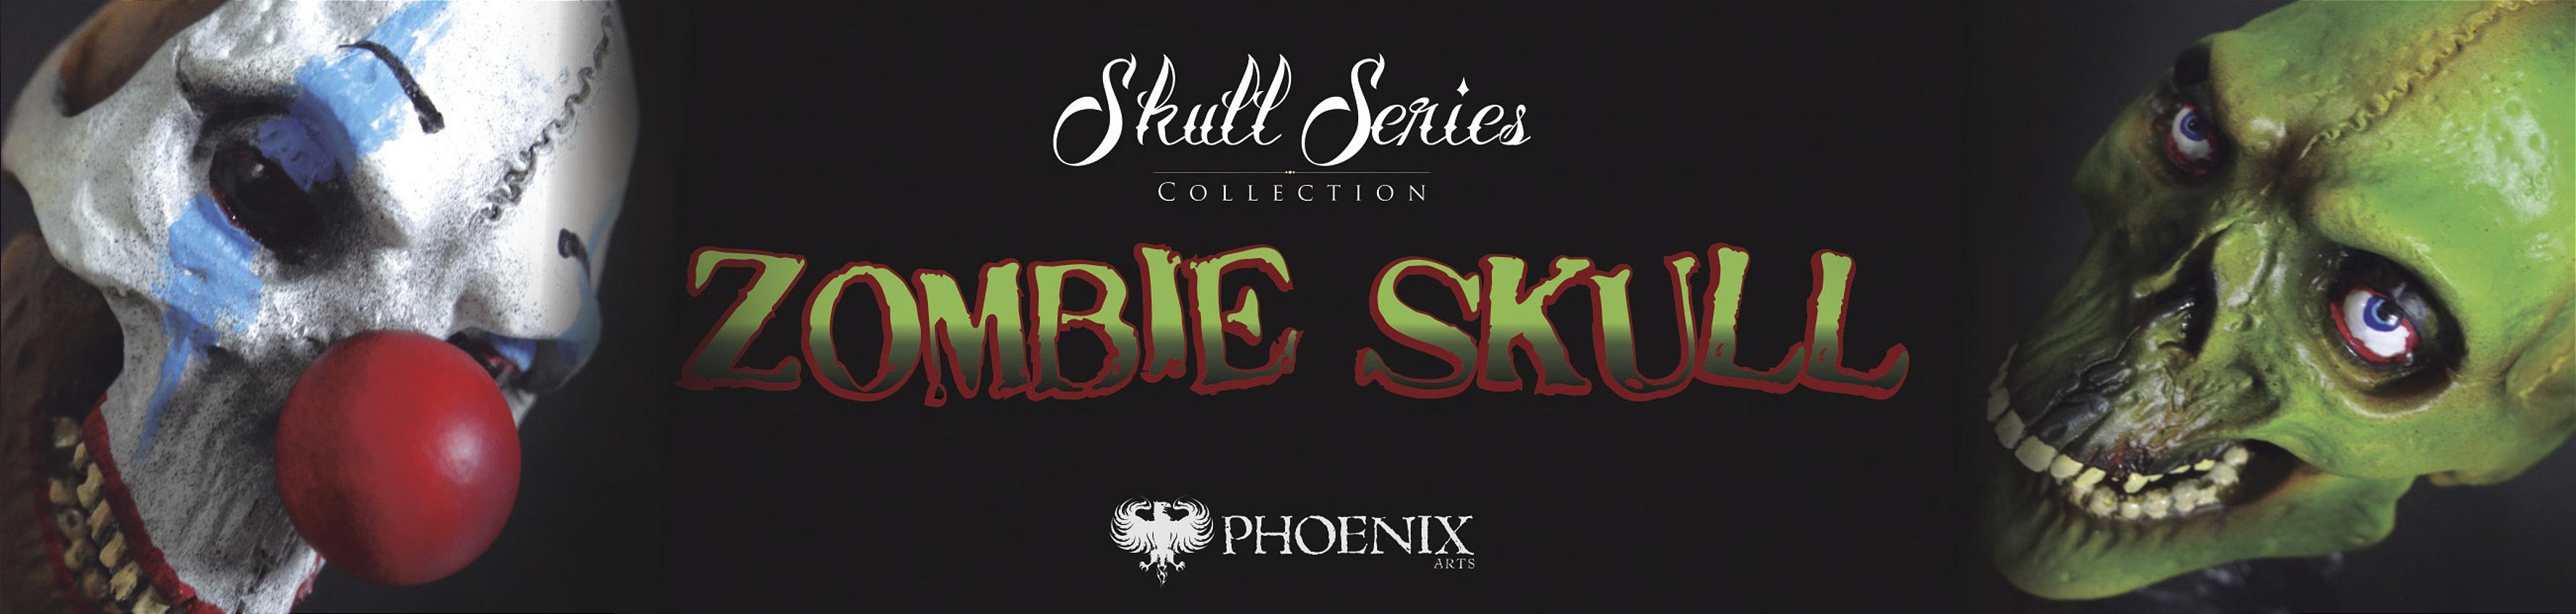 Site Phoenix Banner 01D - banner com clown e green